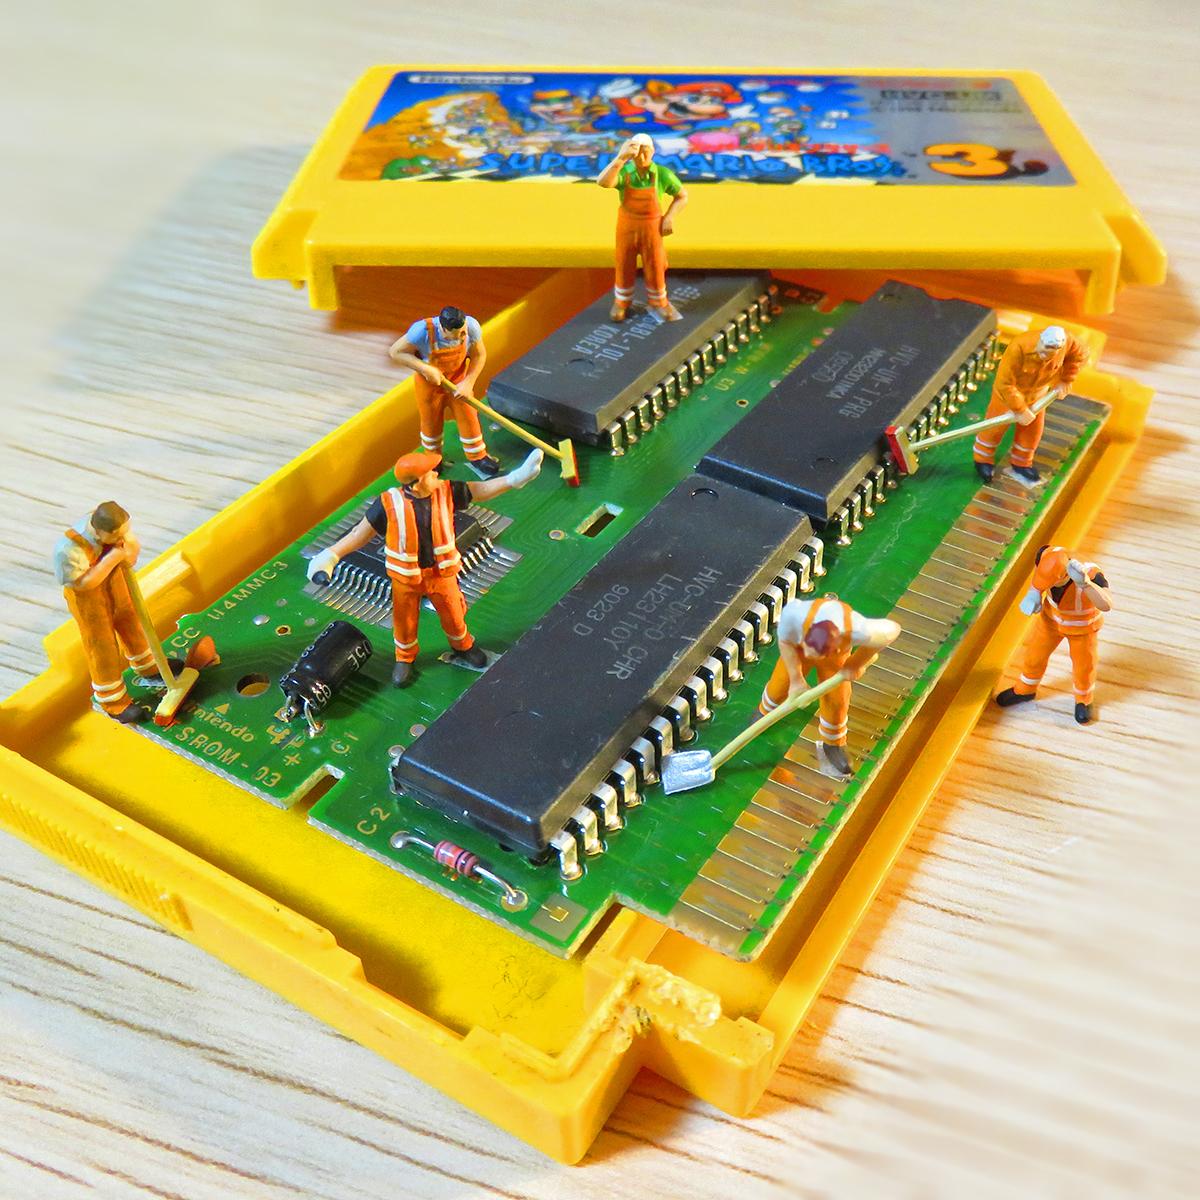 7月15日はファミコンの日!ファミコンのカセットを分解してキレイに掃除する作業員